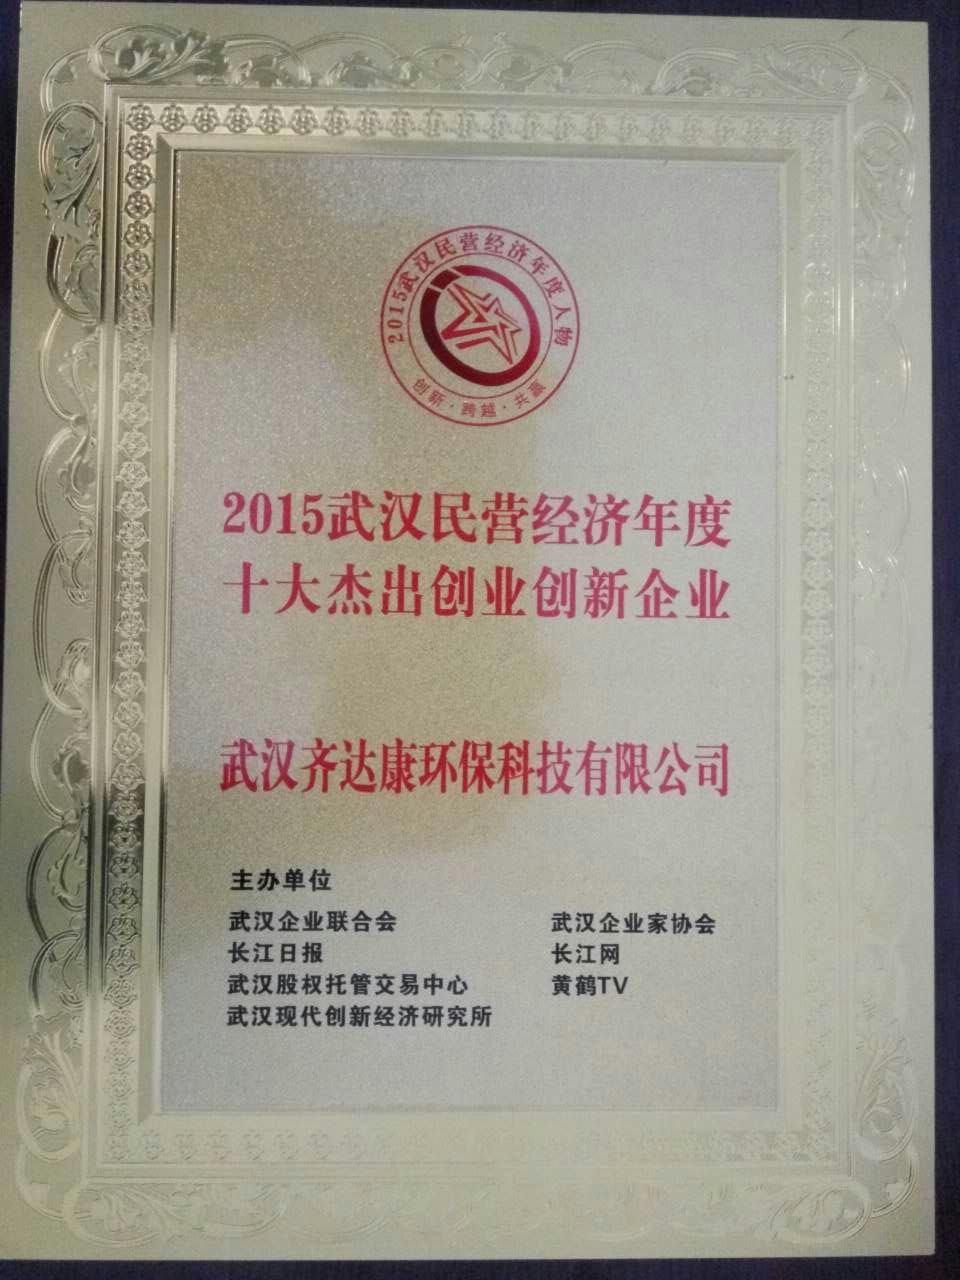 齐达康荣获十大杰出创业创新企业